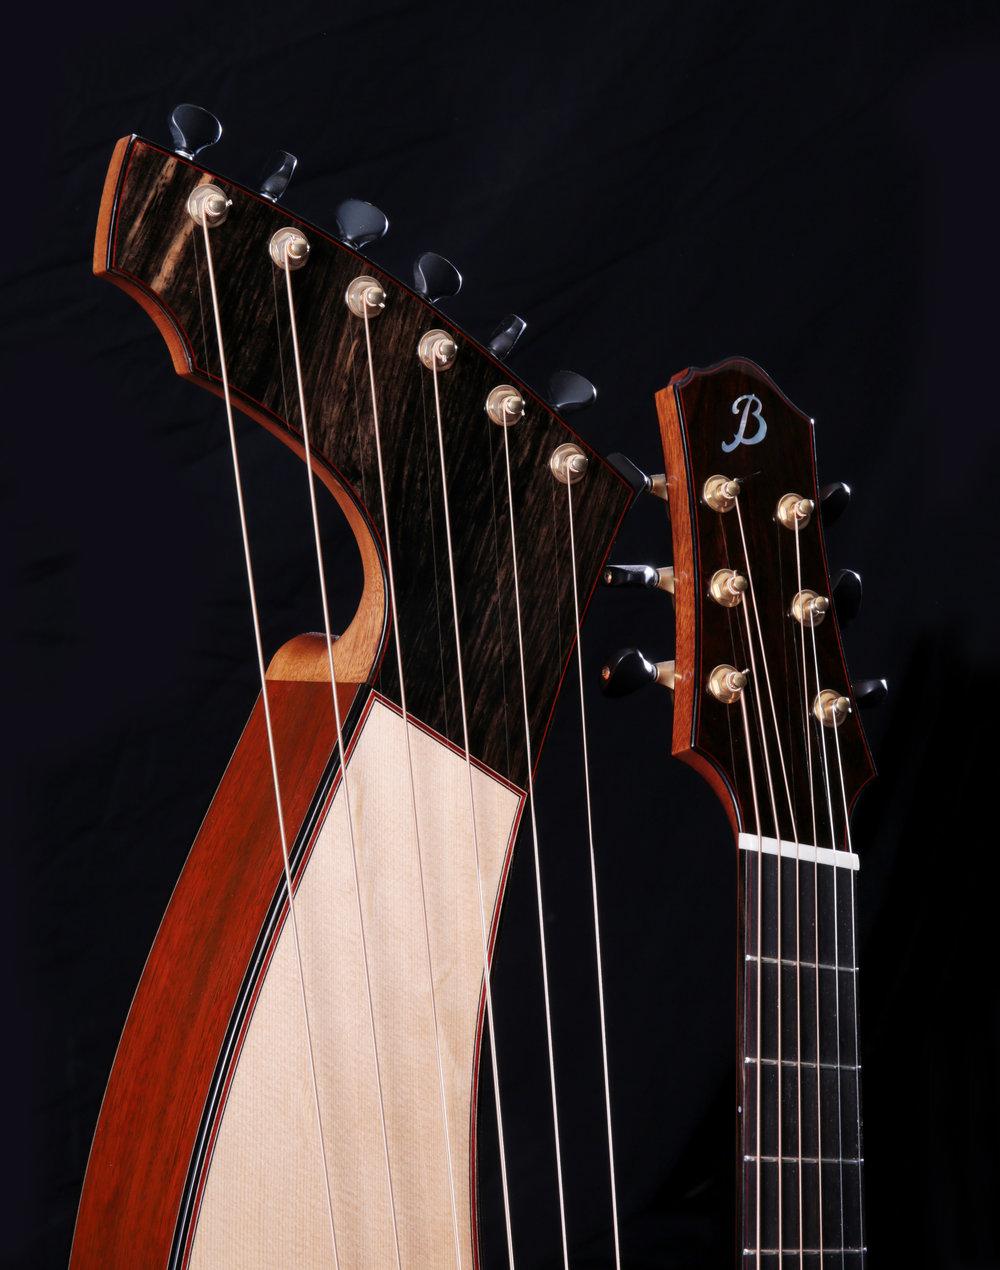 harp_8110.jpg